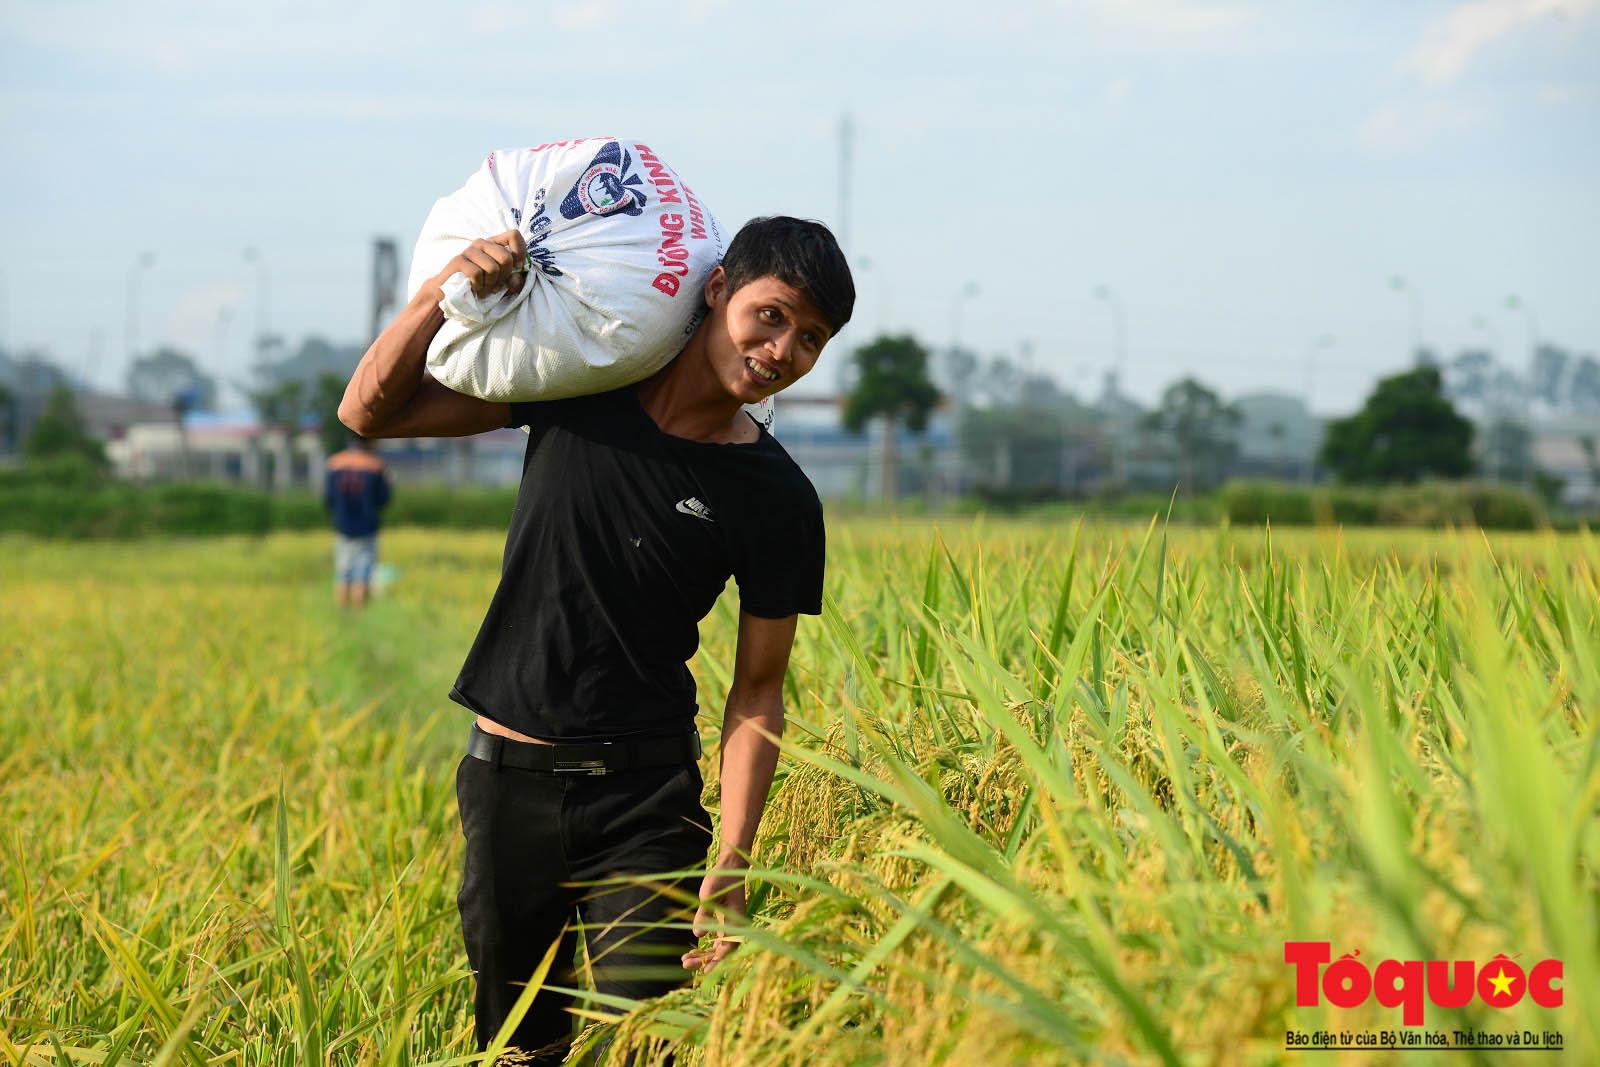 Bộ trưởng Nguyễn Xuân Cường: Năm 2020, xuất khẩu phải đạt cao hơn 41 tỷ USD  - Ảnh 1.